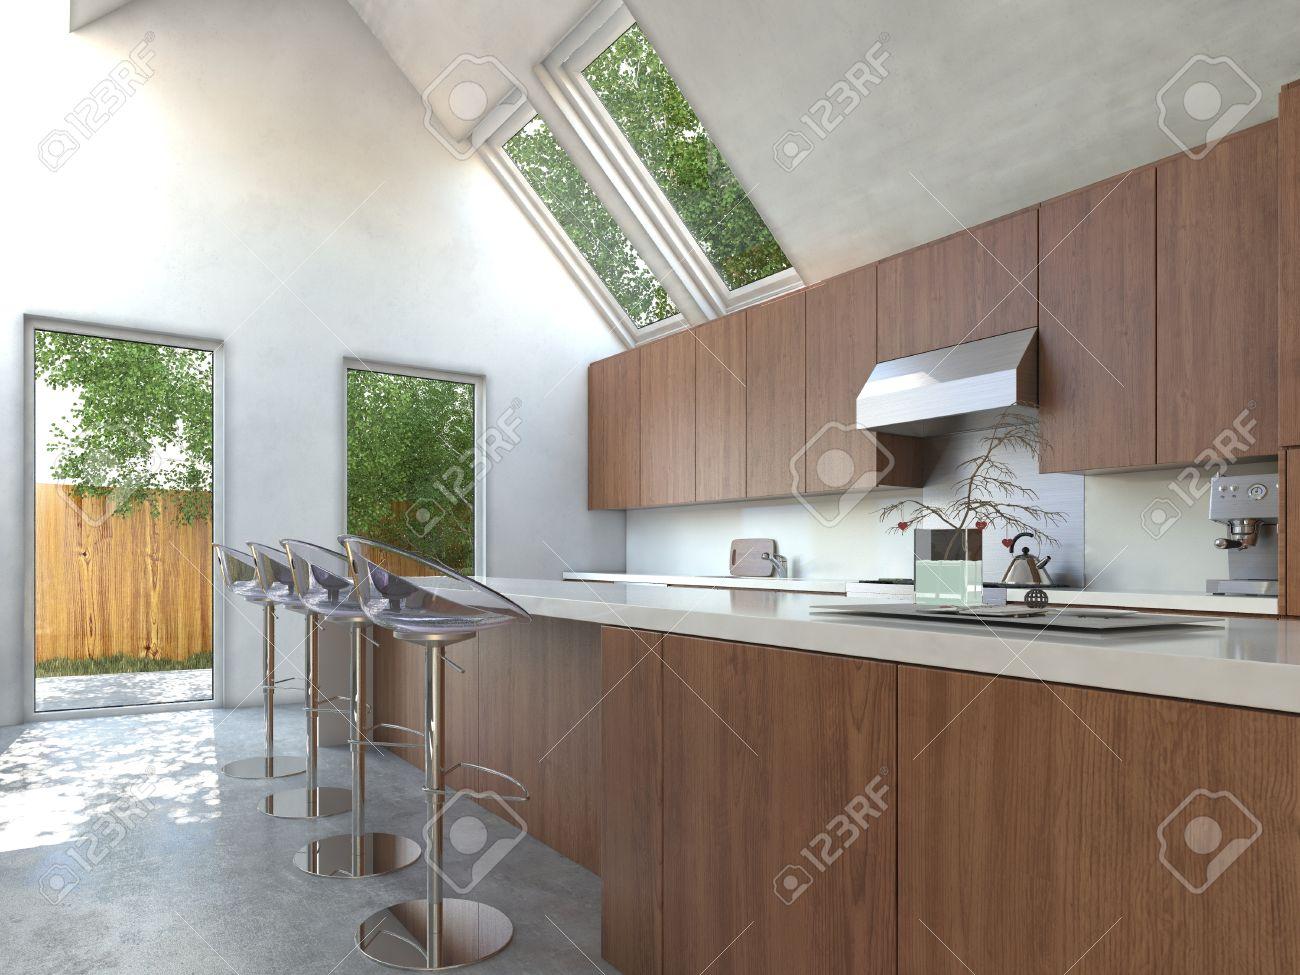 Kompakte Moderne Offene Küche Mit Holzschränken, Eine Bar Und ...